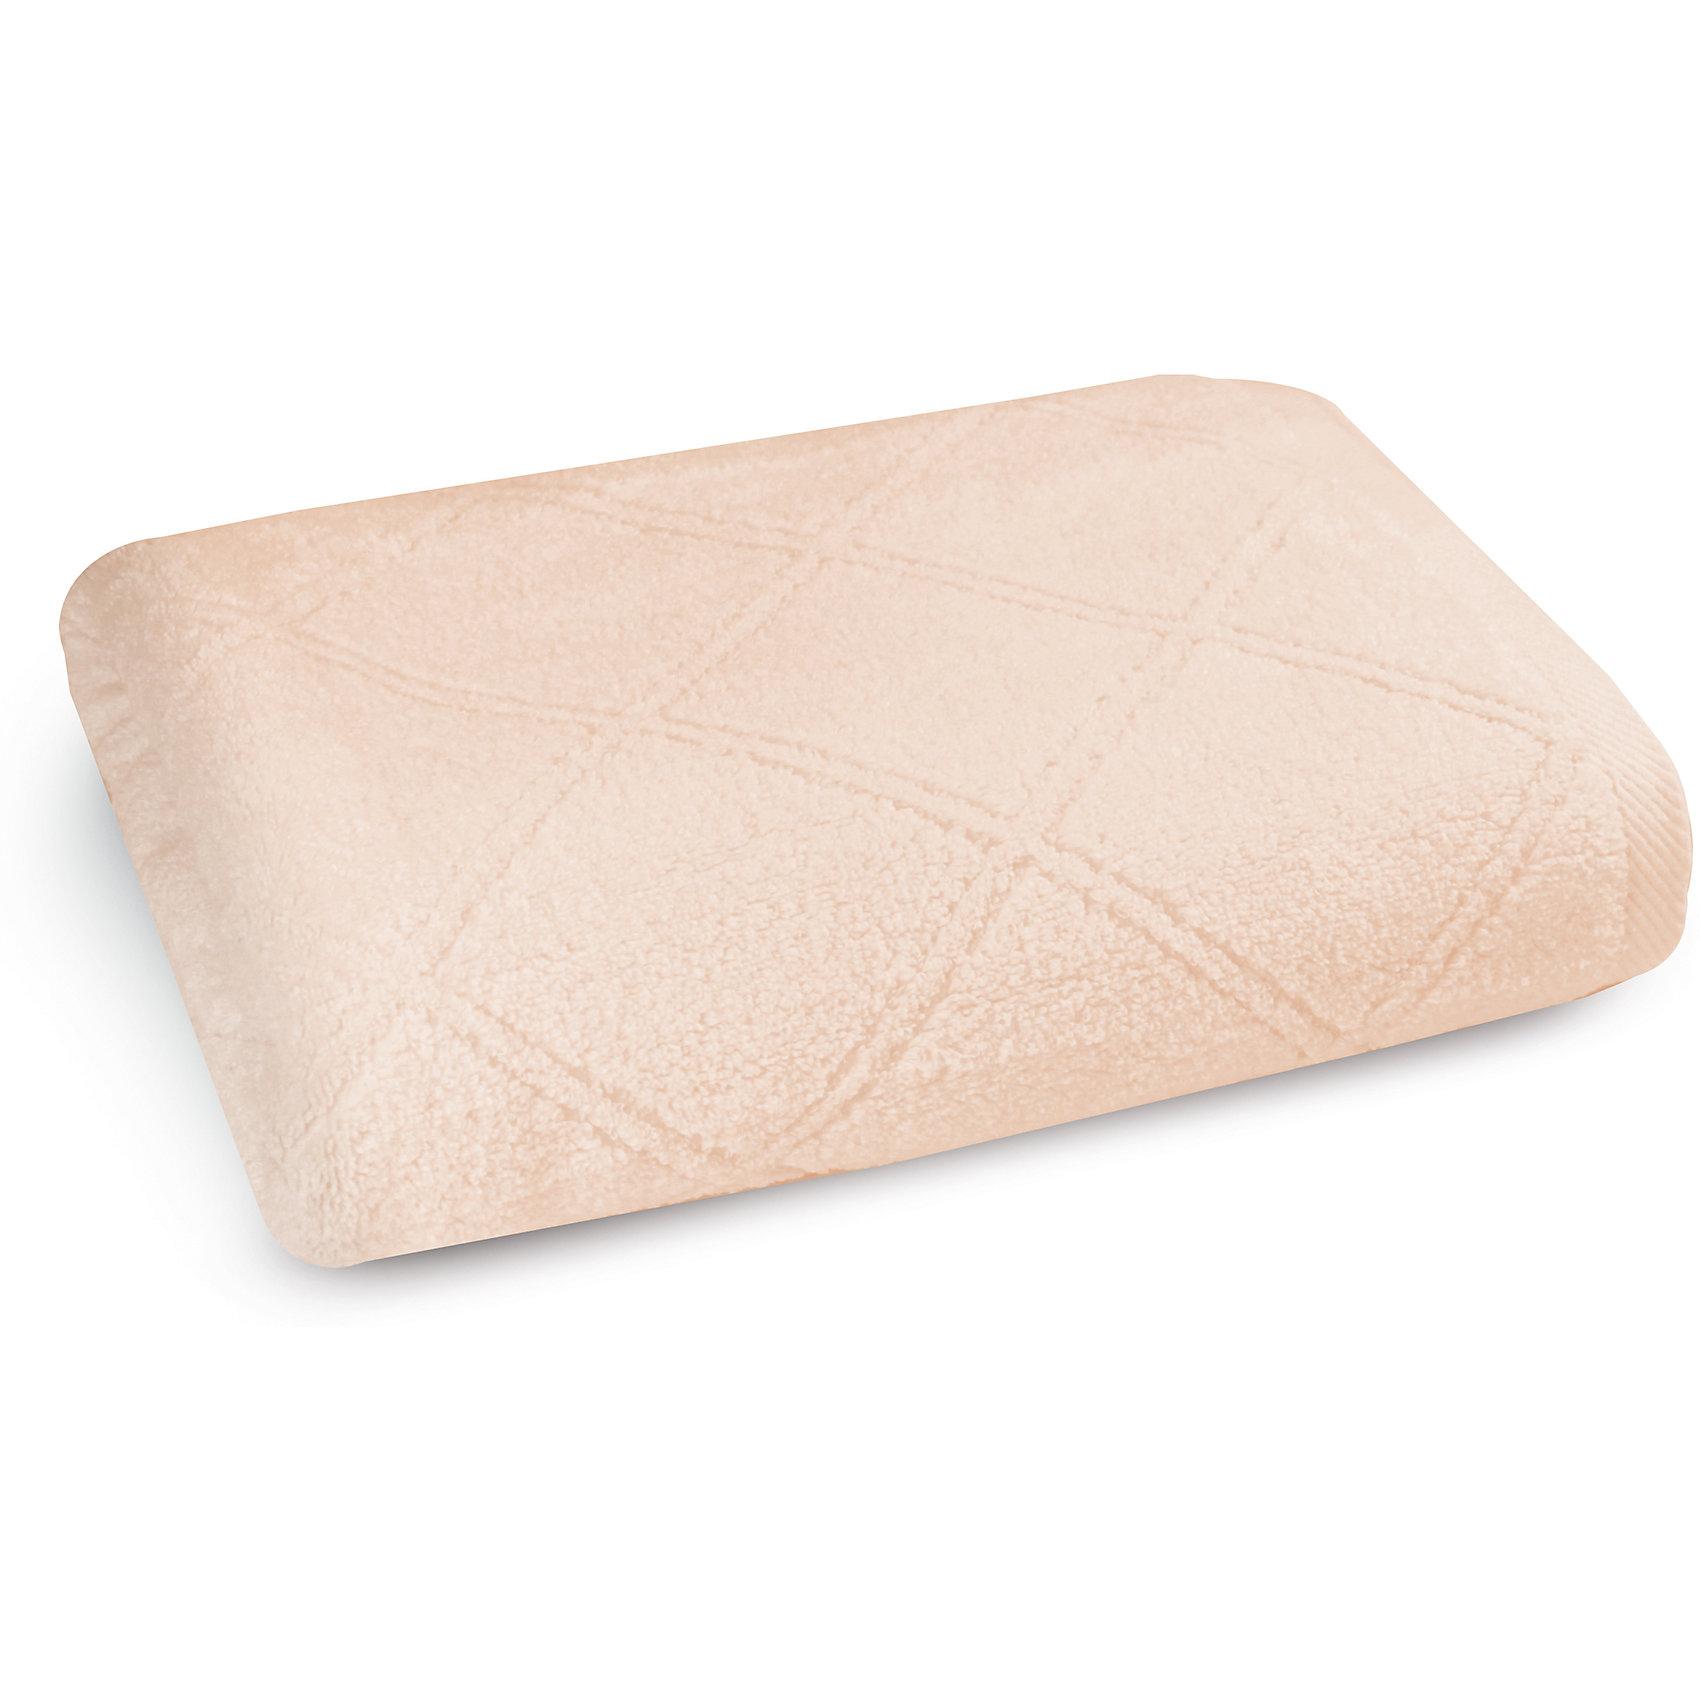 Полотенце махровое 70*140, Cozy Home, персикПолотенце махровое 70*140, Cozy Home (Кози Хоум), персик<br><br>Характеристики:<br><br>• мягкое полотенце, приятное на ощупь<br>• хорошо впитывает влагу<br>• легко стирать<br>• материал: хлопок<br>• размер: 70х140 см<br>• цвет: персик<br><br>Мягкое и качественное полотенце - залог вашего комфорта. Махровое полотенце от Cozy Home создано из мягкого качественного хлопка. Хлопок хорошо впитывает влагу, не позволяя микробам и бактериям образовываться на поверхности. К тому же, полотенце не меняет свой вид и сохраняет свойства даже после многочисленных стирок. Дизайн полотенца - однотонная расцветка с узором из ромбов. Он прекрасно впишется в интерьер любой ванной комнаты.<br><br>Полотенце махровое 70*140, Cozy Home (Кози Хоум), персиковый вы можете купить в нашем интернет-магазине.<br><br>Ширина мм: 150<br>Глубина мм: 350<br>Высота мм: 150<br>Вес г: 350<br>Возраст от месяцев: 0<br>Возраст до месяцев: 216<br>Пол: Унисекс<br>Возраст: Детский<br>SKU: 5355322